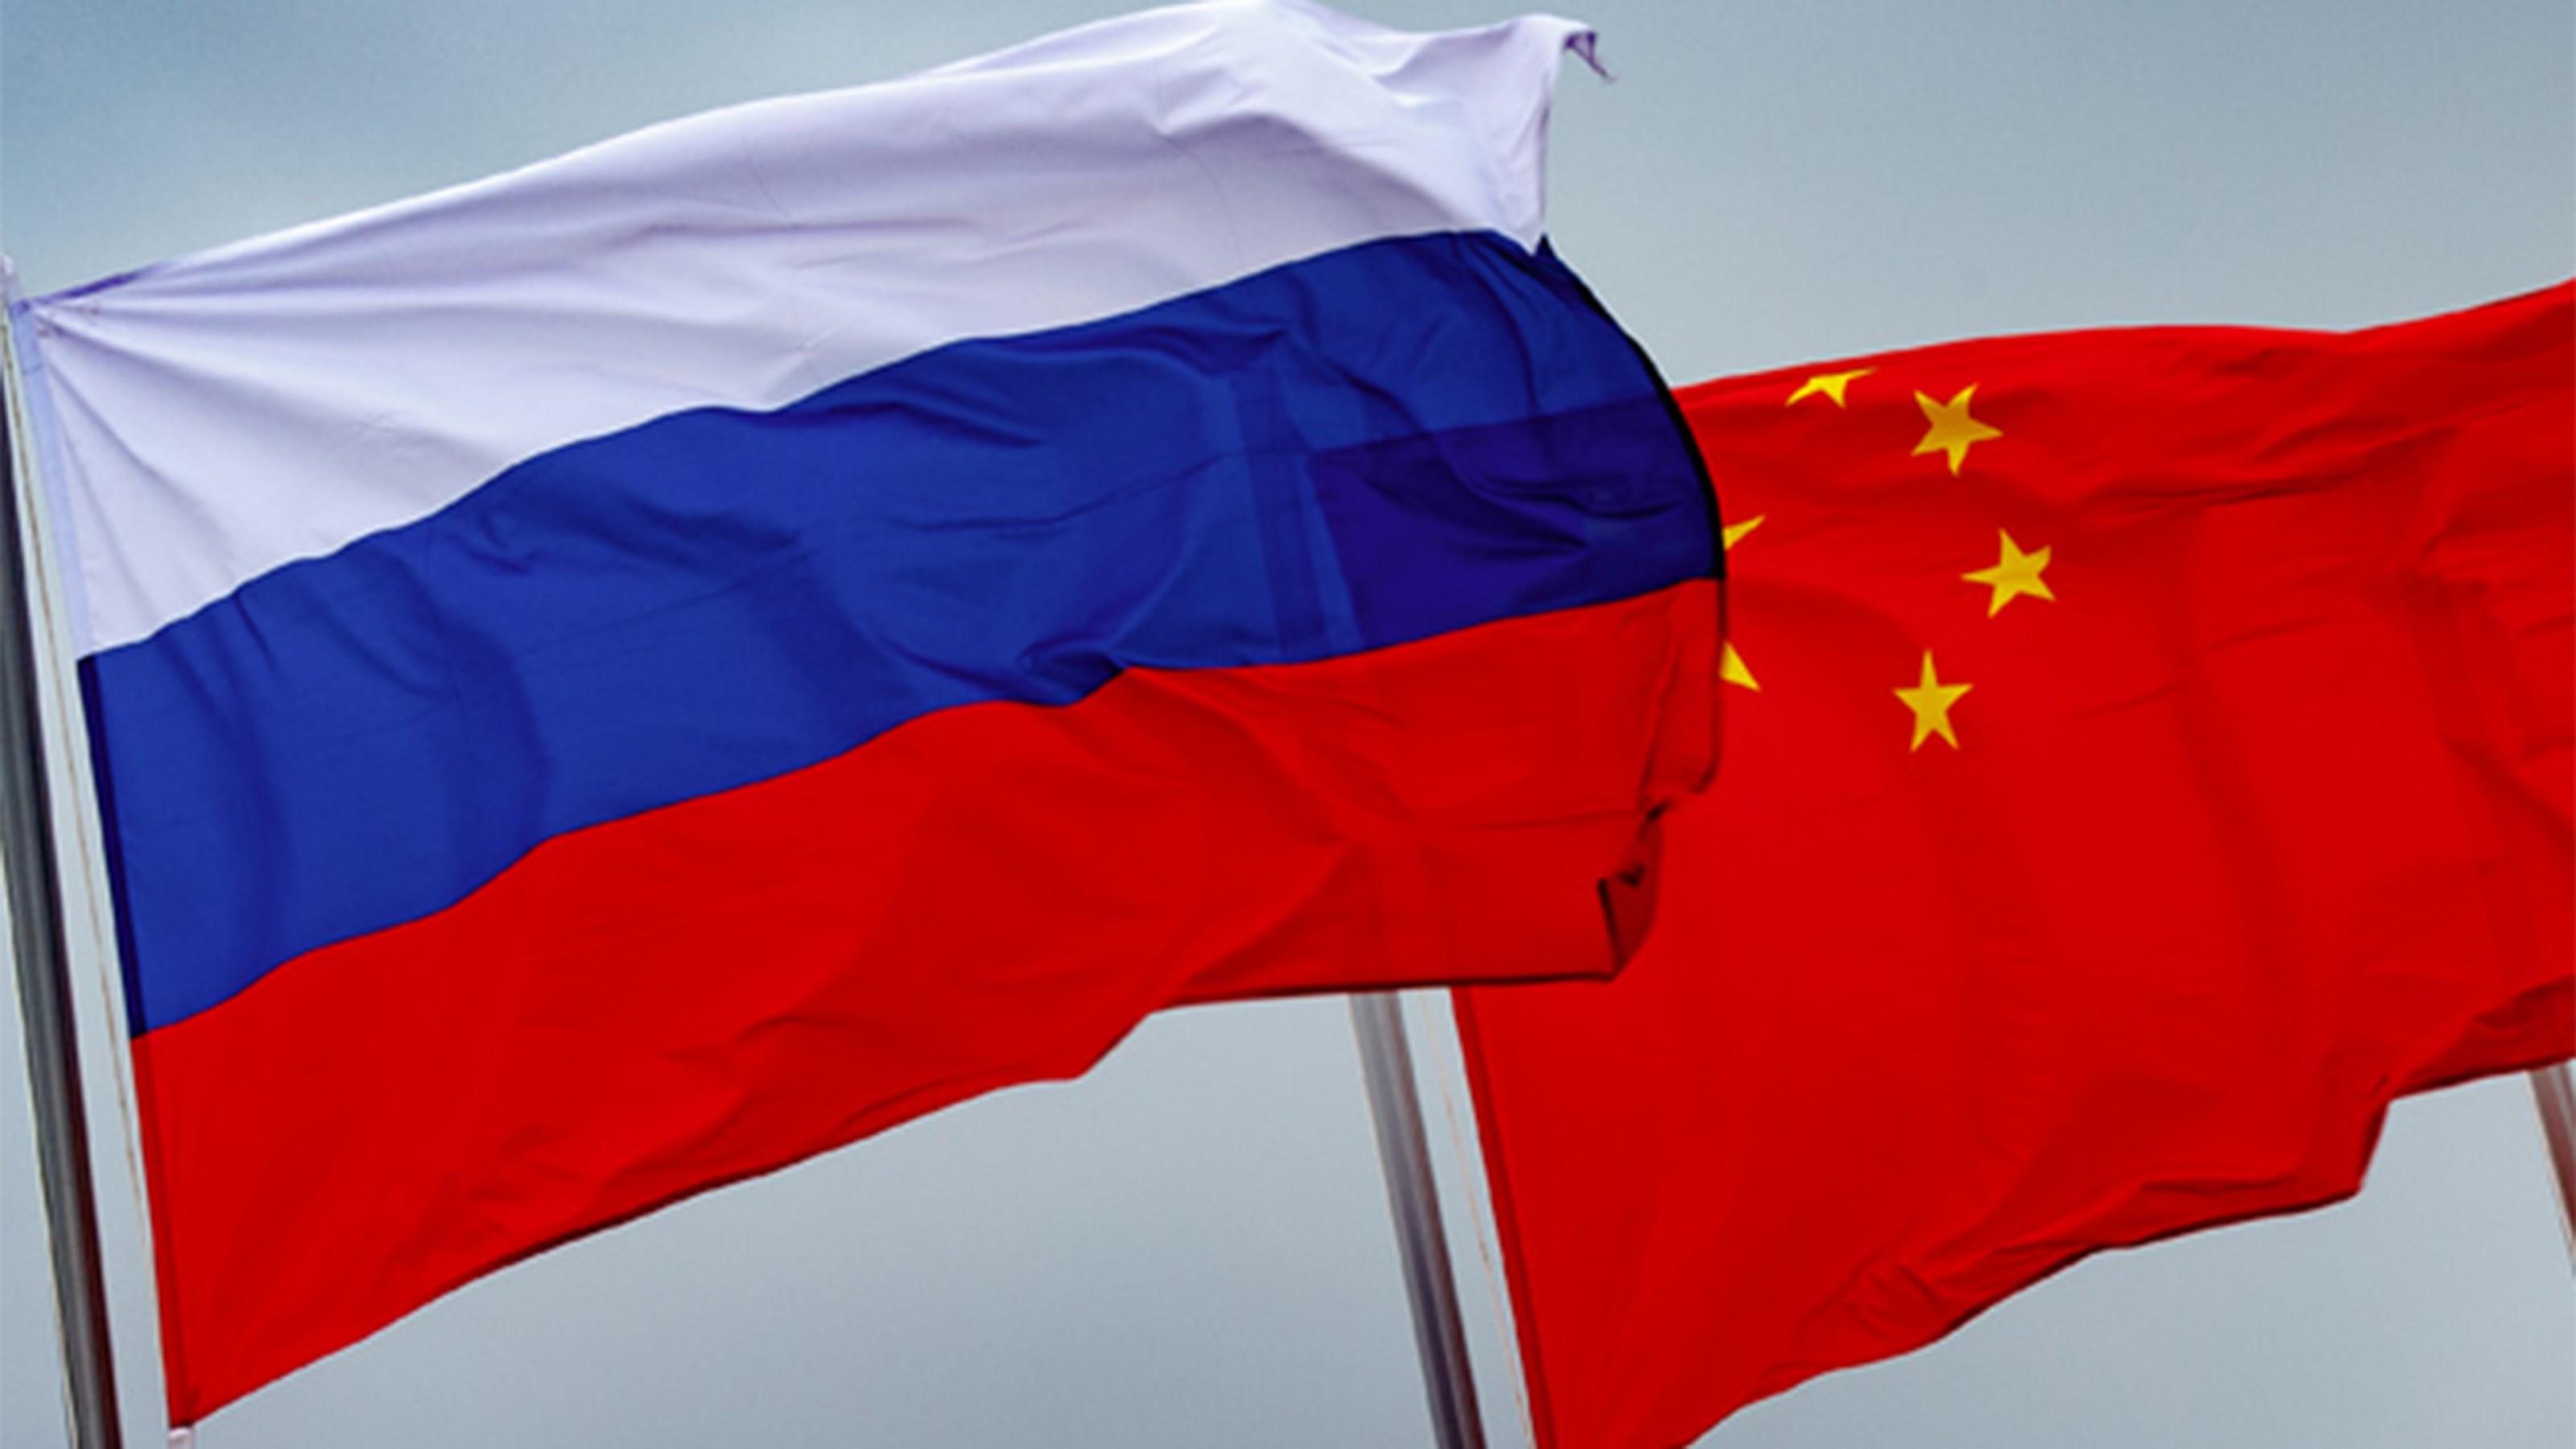 Москва и Пекин: союз или стратегическая неопределенность?